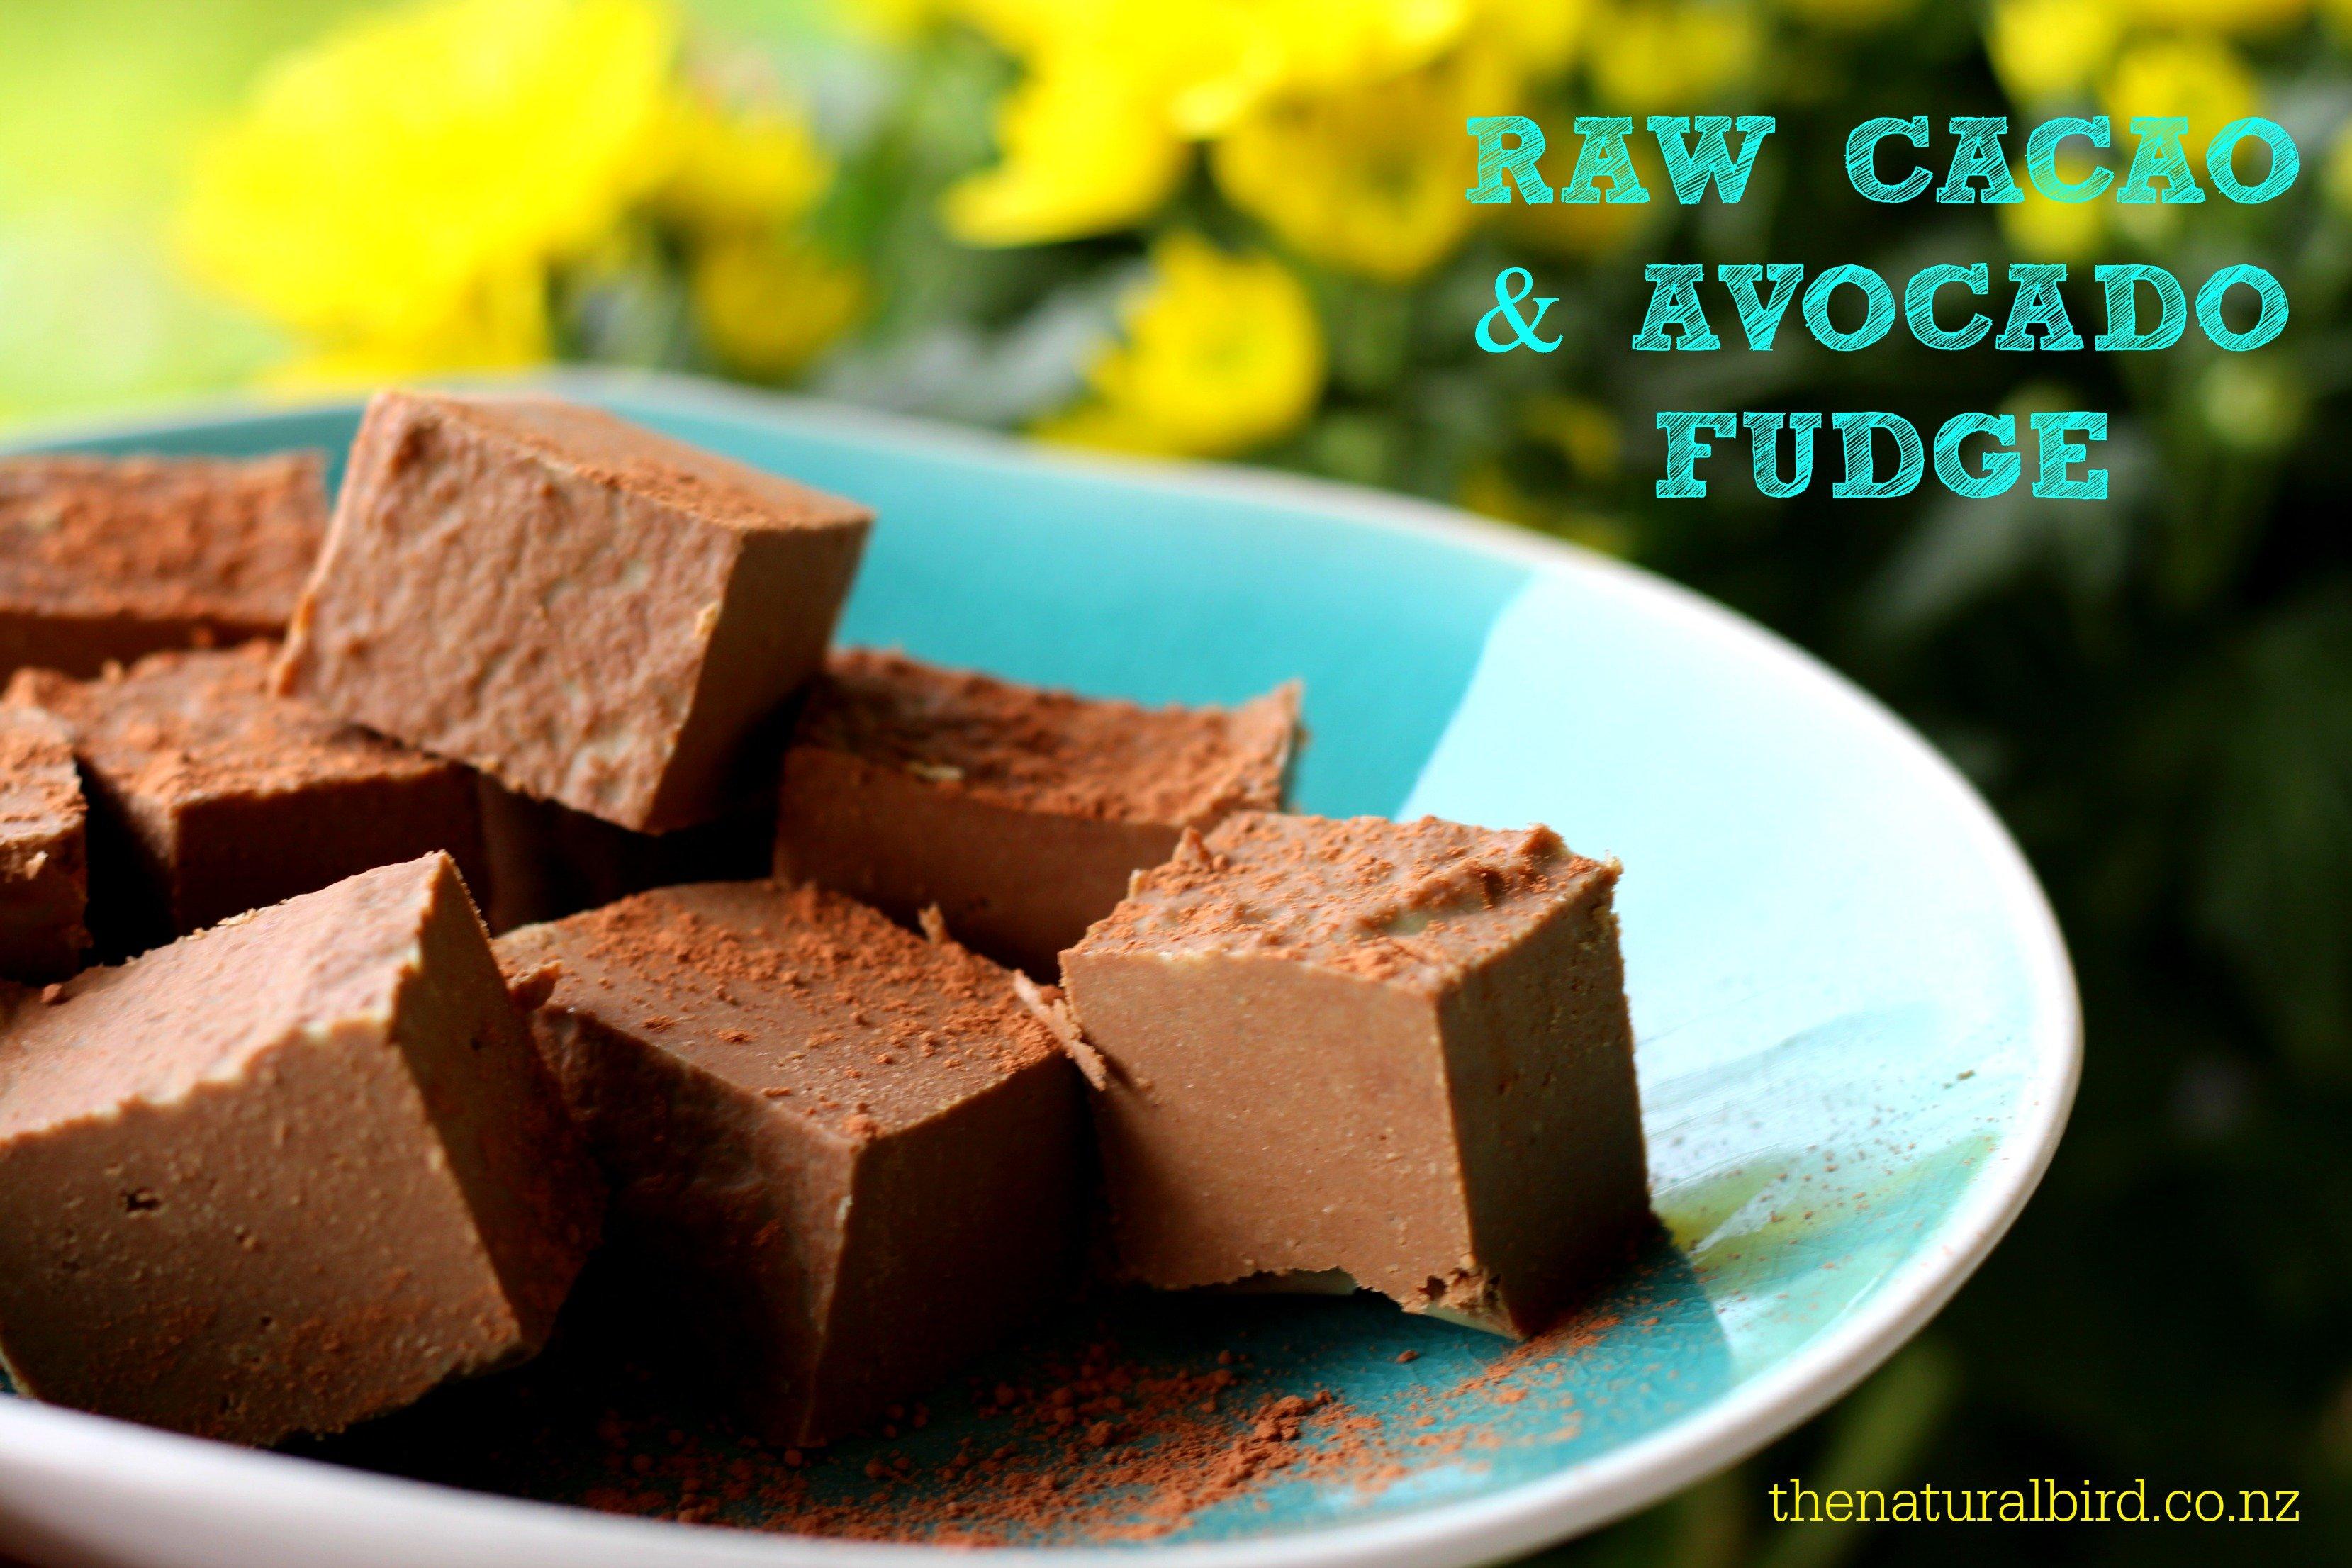 Raw Cacao & Avocado Fudge Recipe